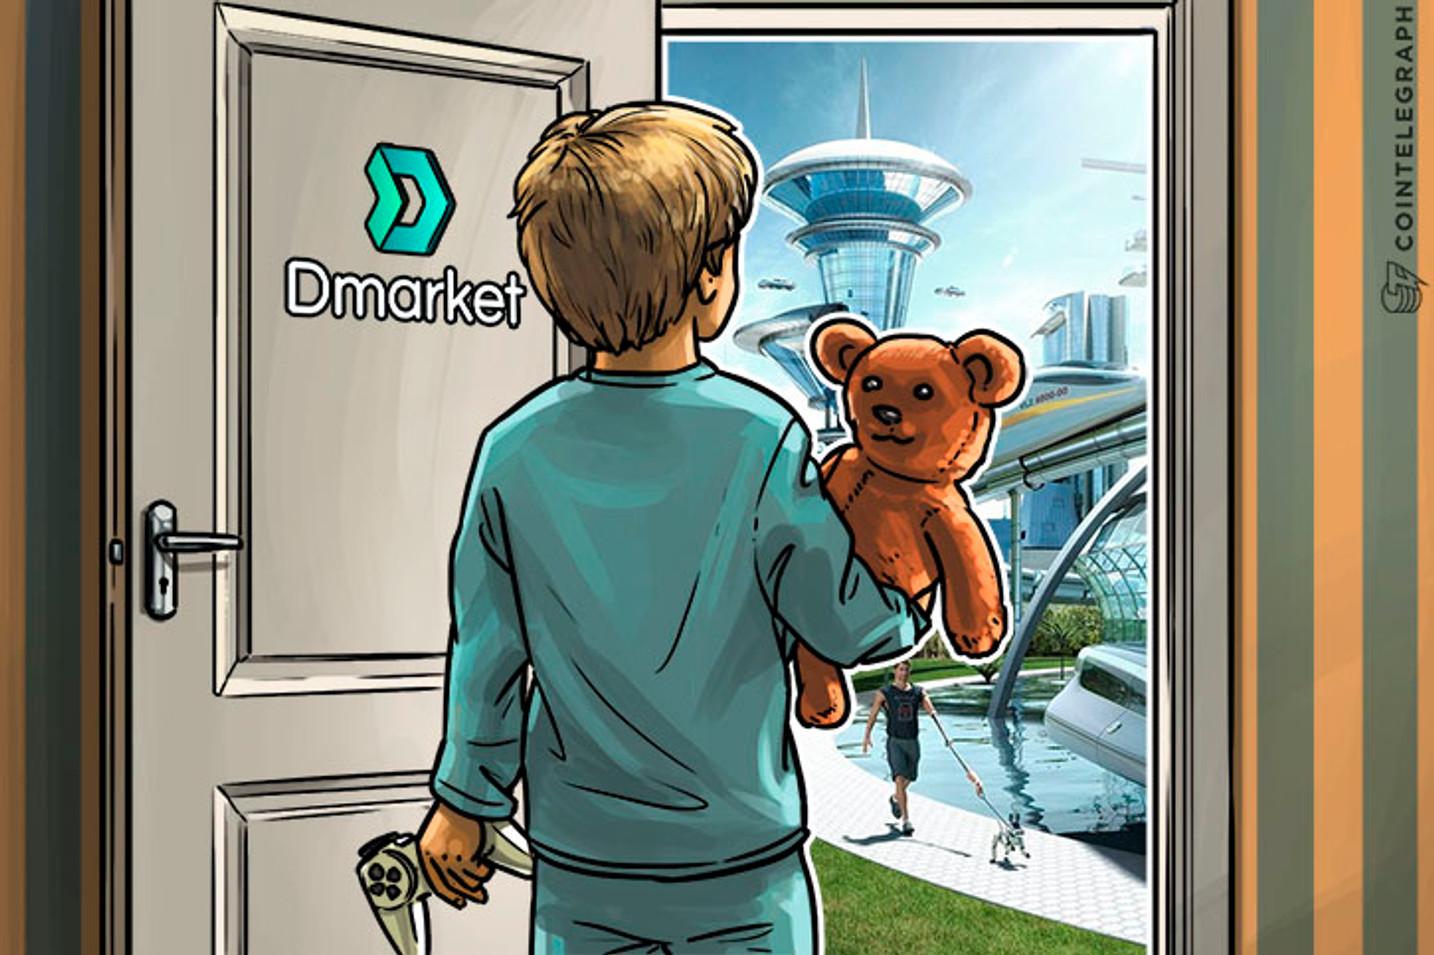 Itens virtuais obtêm valor no mundo real no DMarket